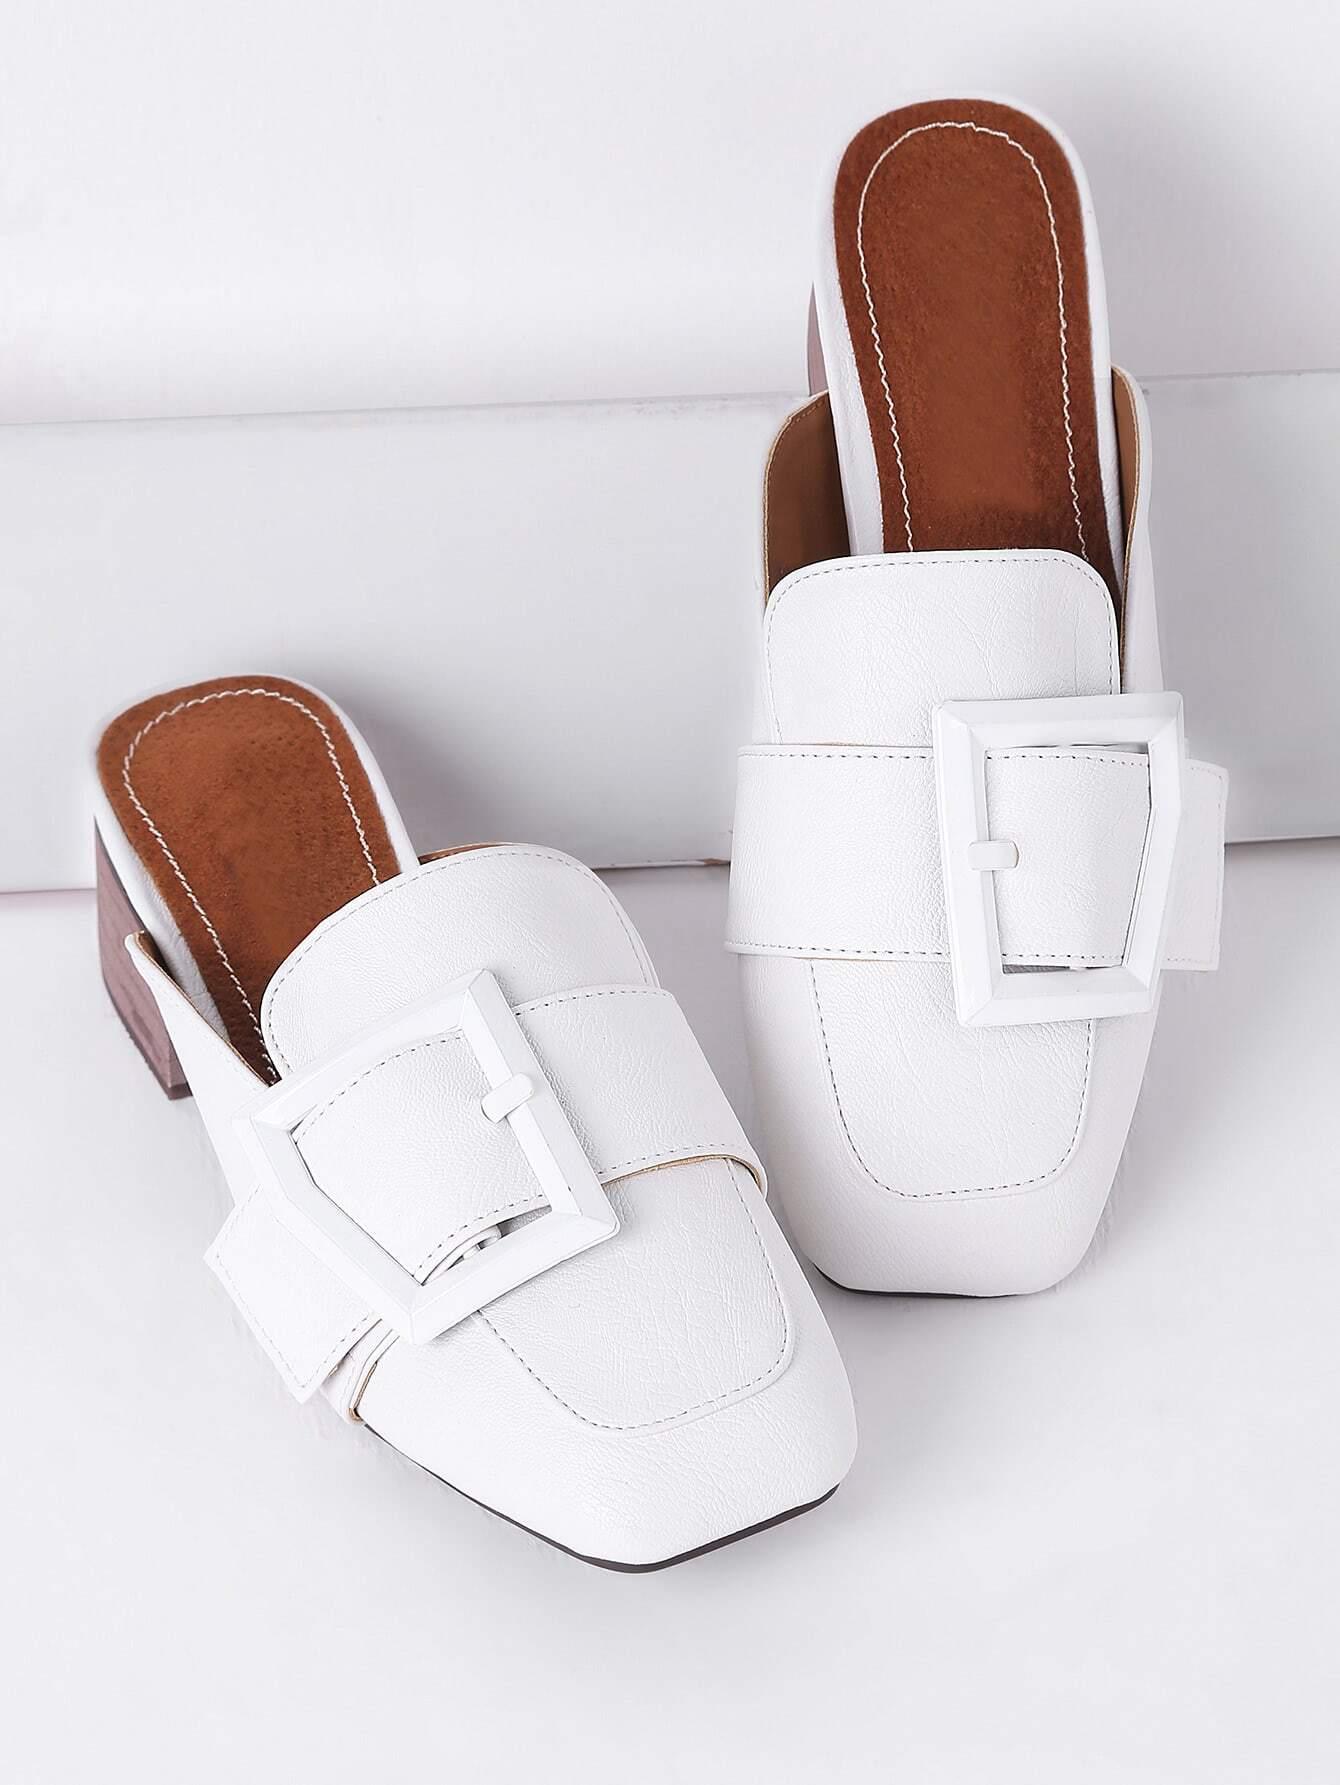 shoes170327805_2